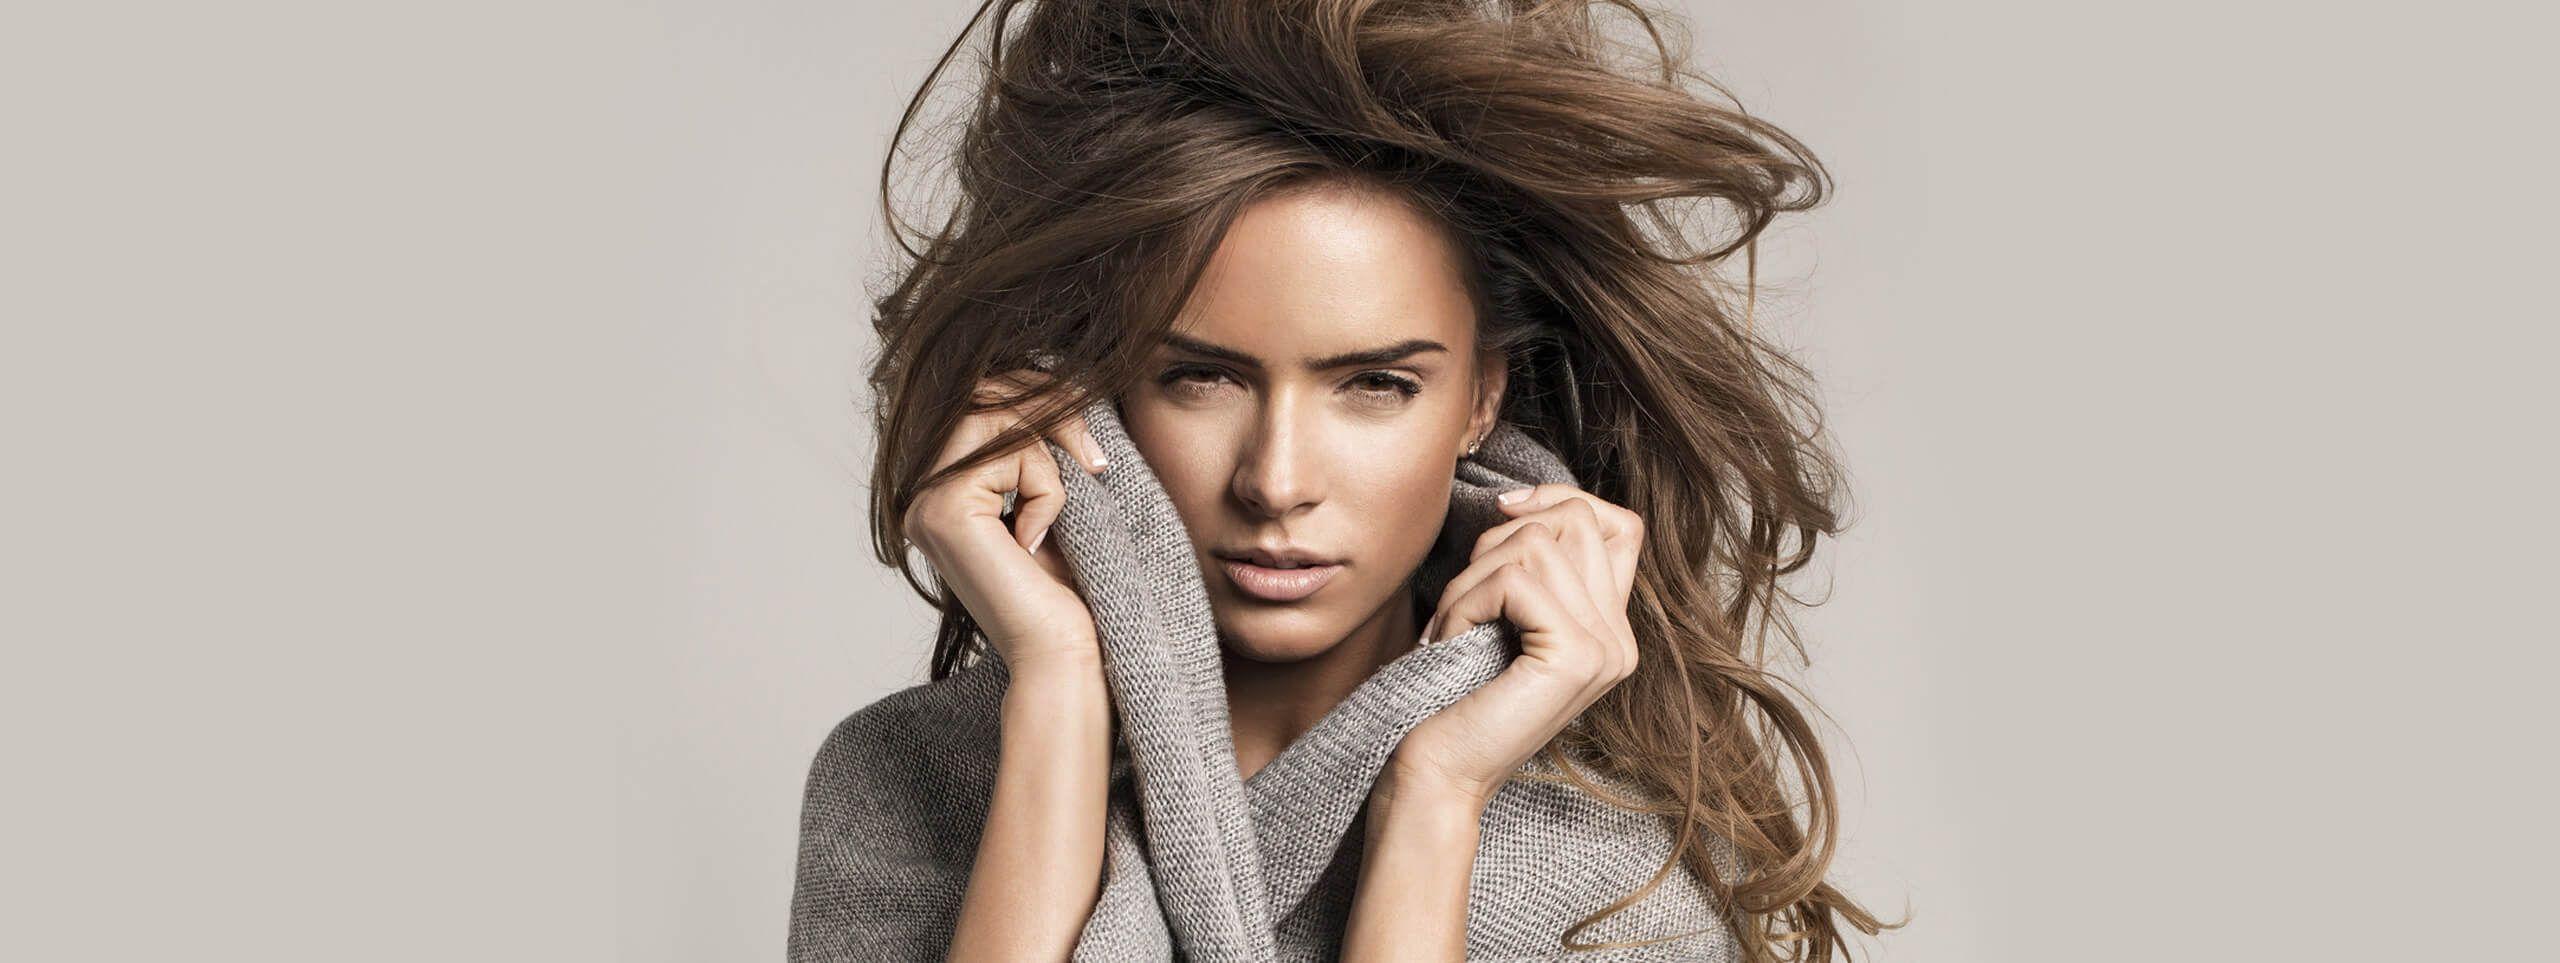 Kobieta z mocnymi rozpuszczonymi włosami